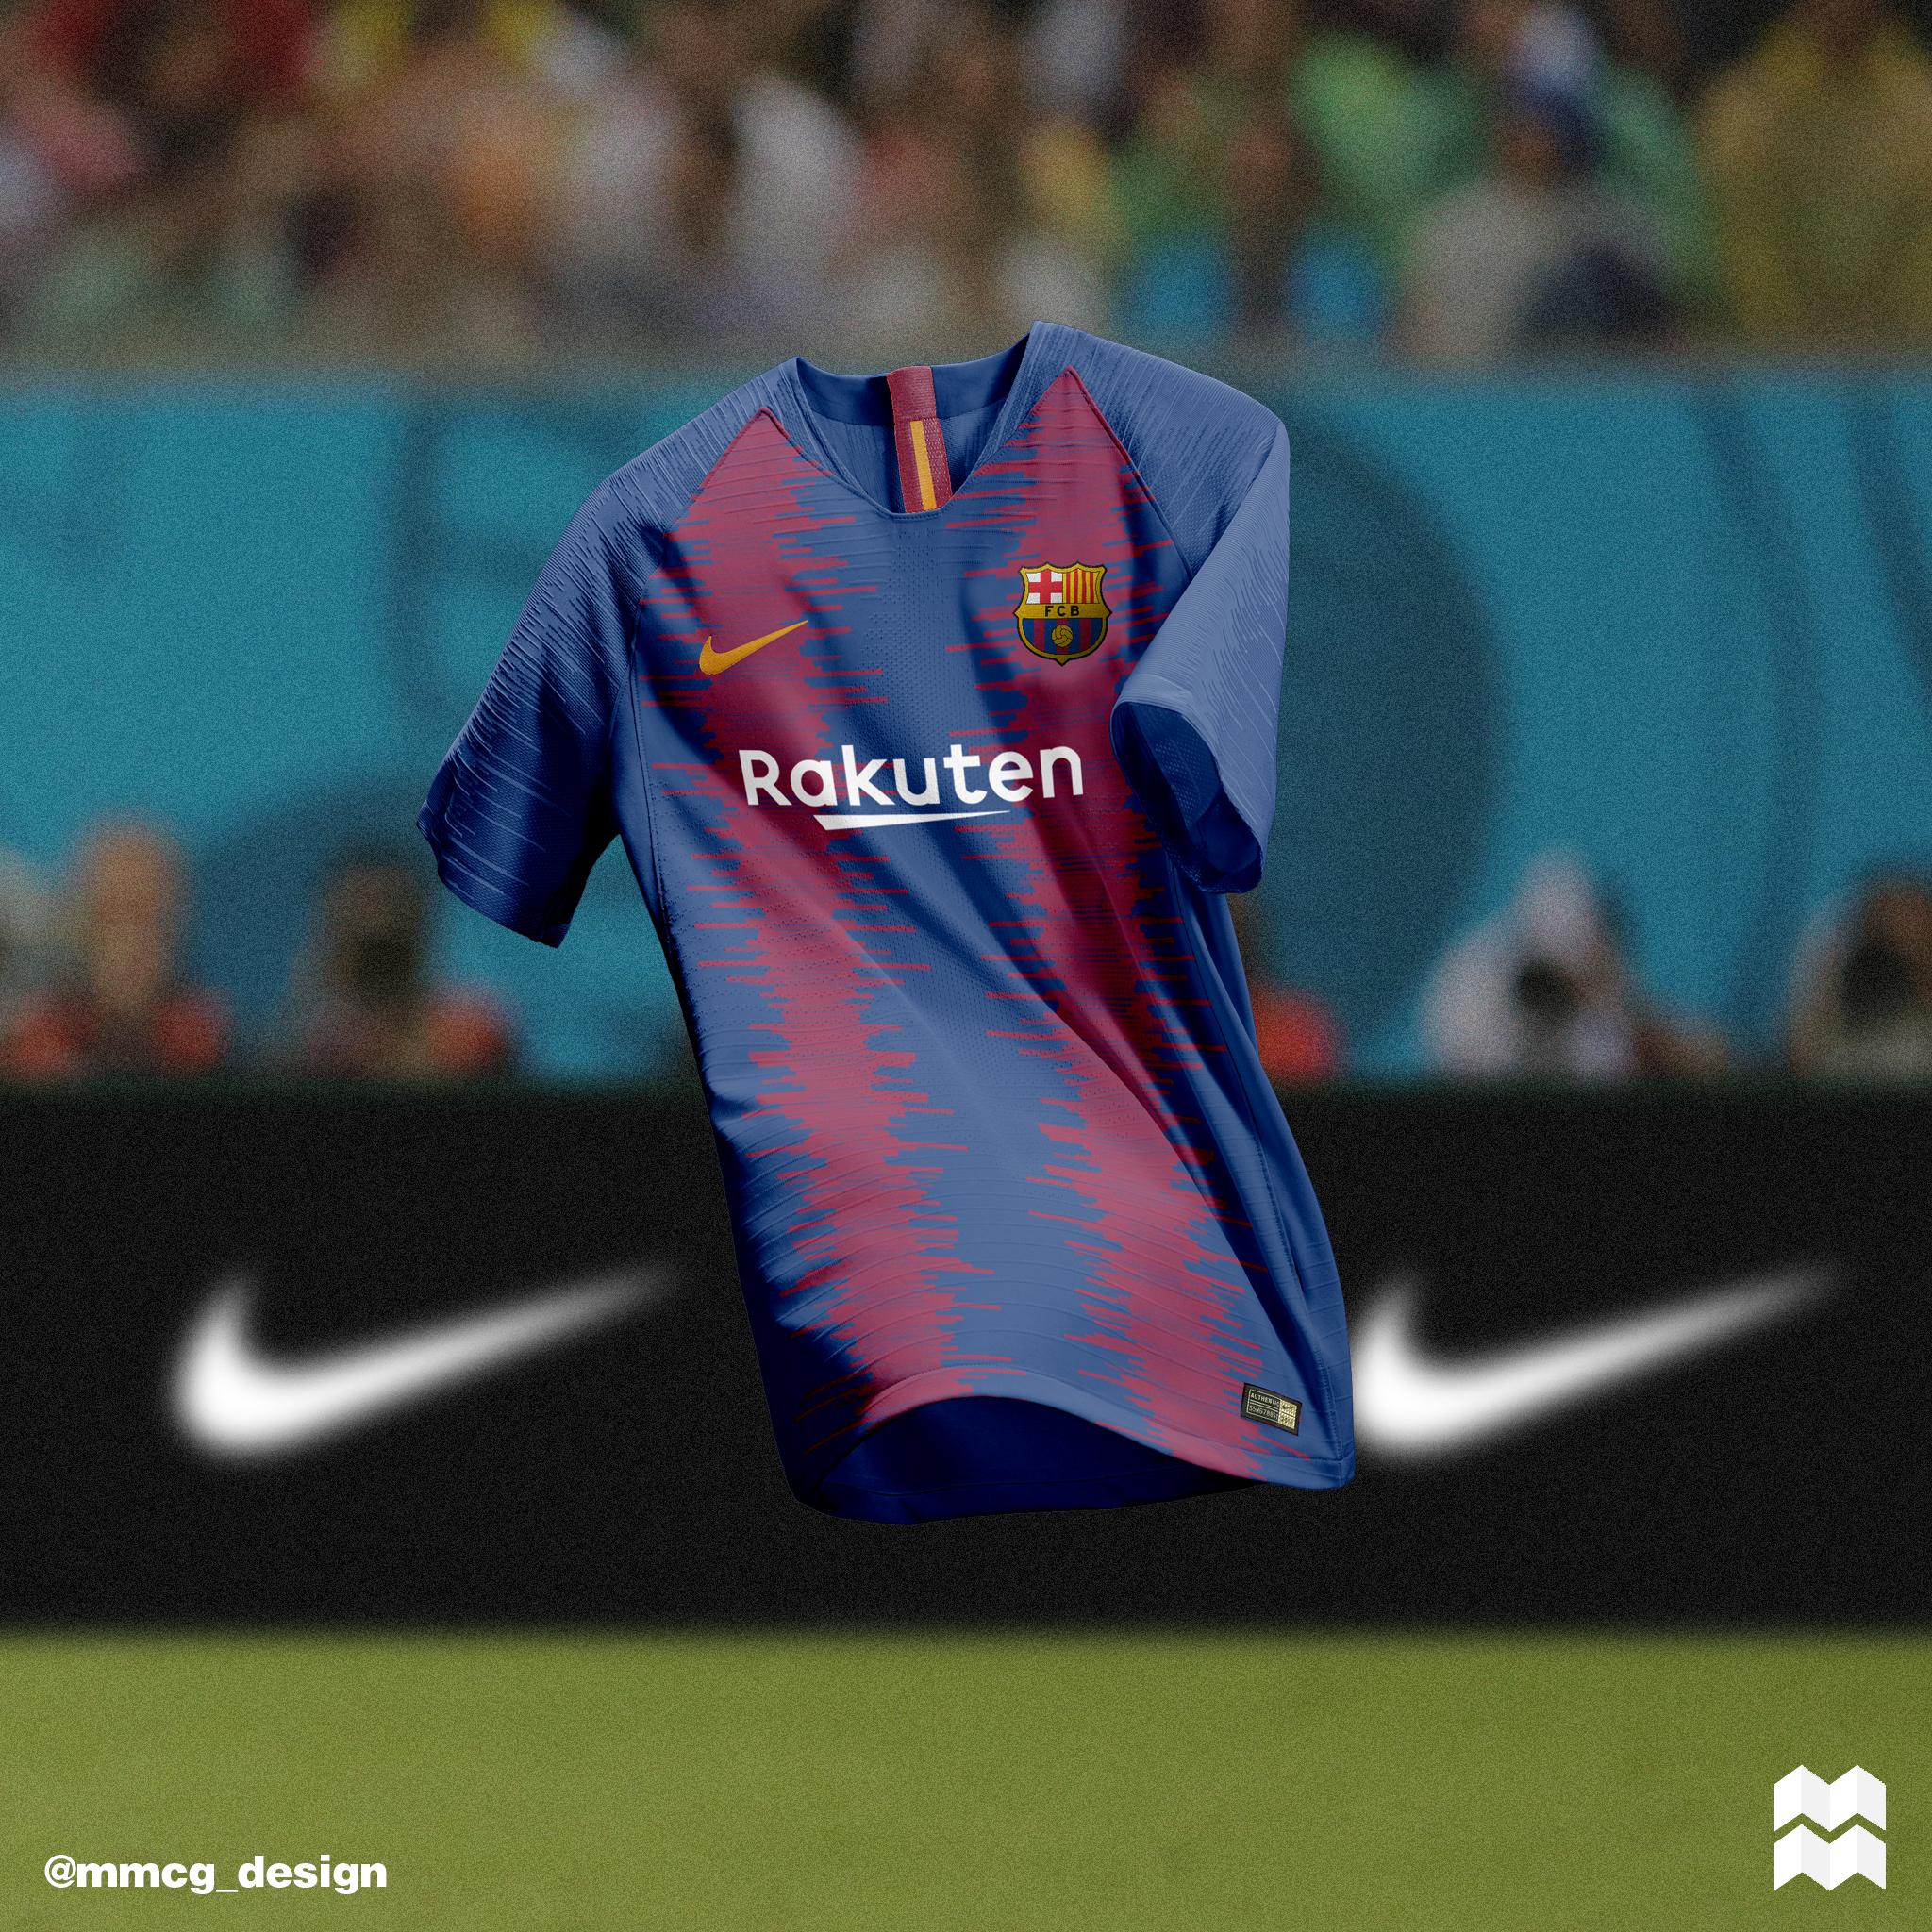 9f499beeae8e3 Nike F.C Barcelona Home   Away Jerseys 2018 19 on Behance